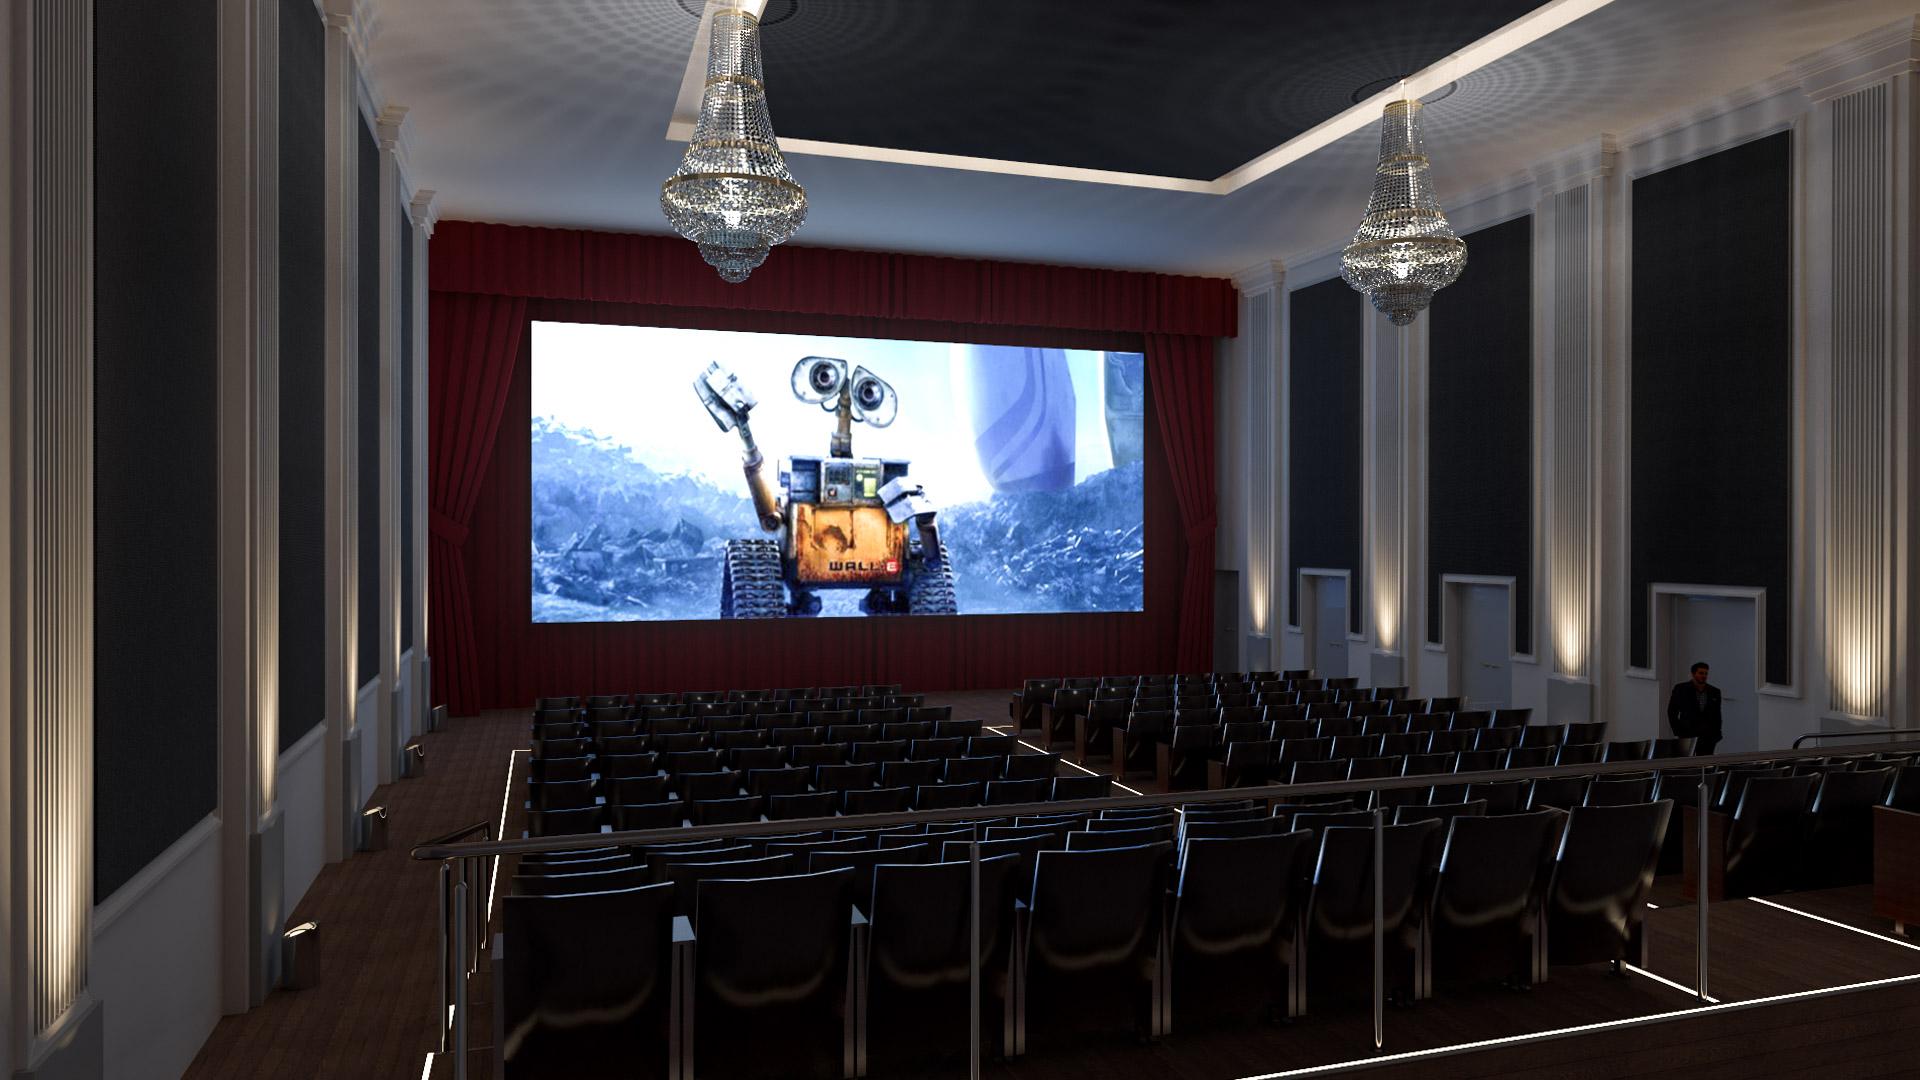 Cinema Rendering